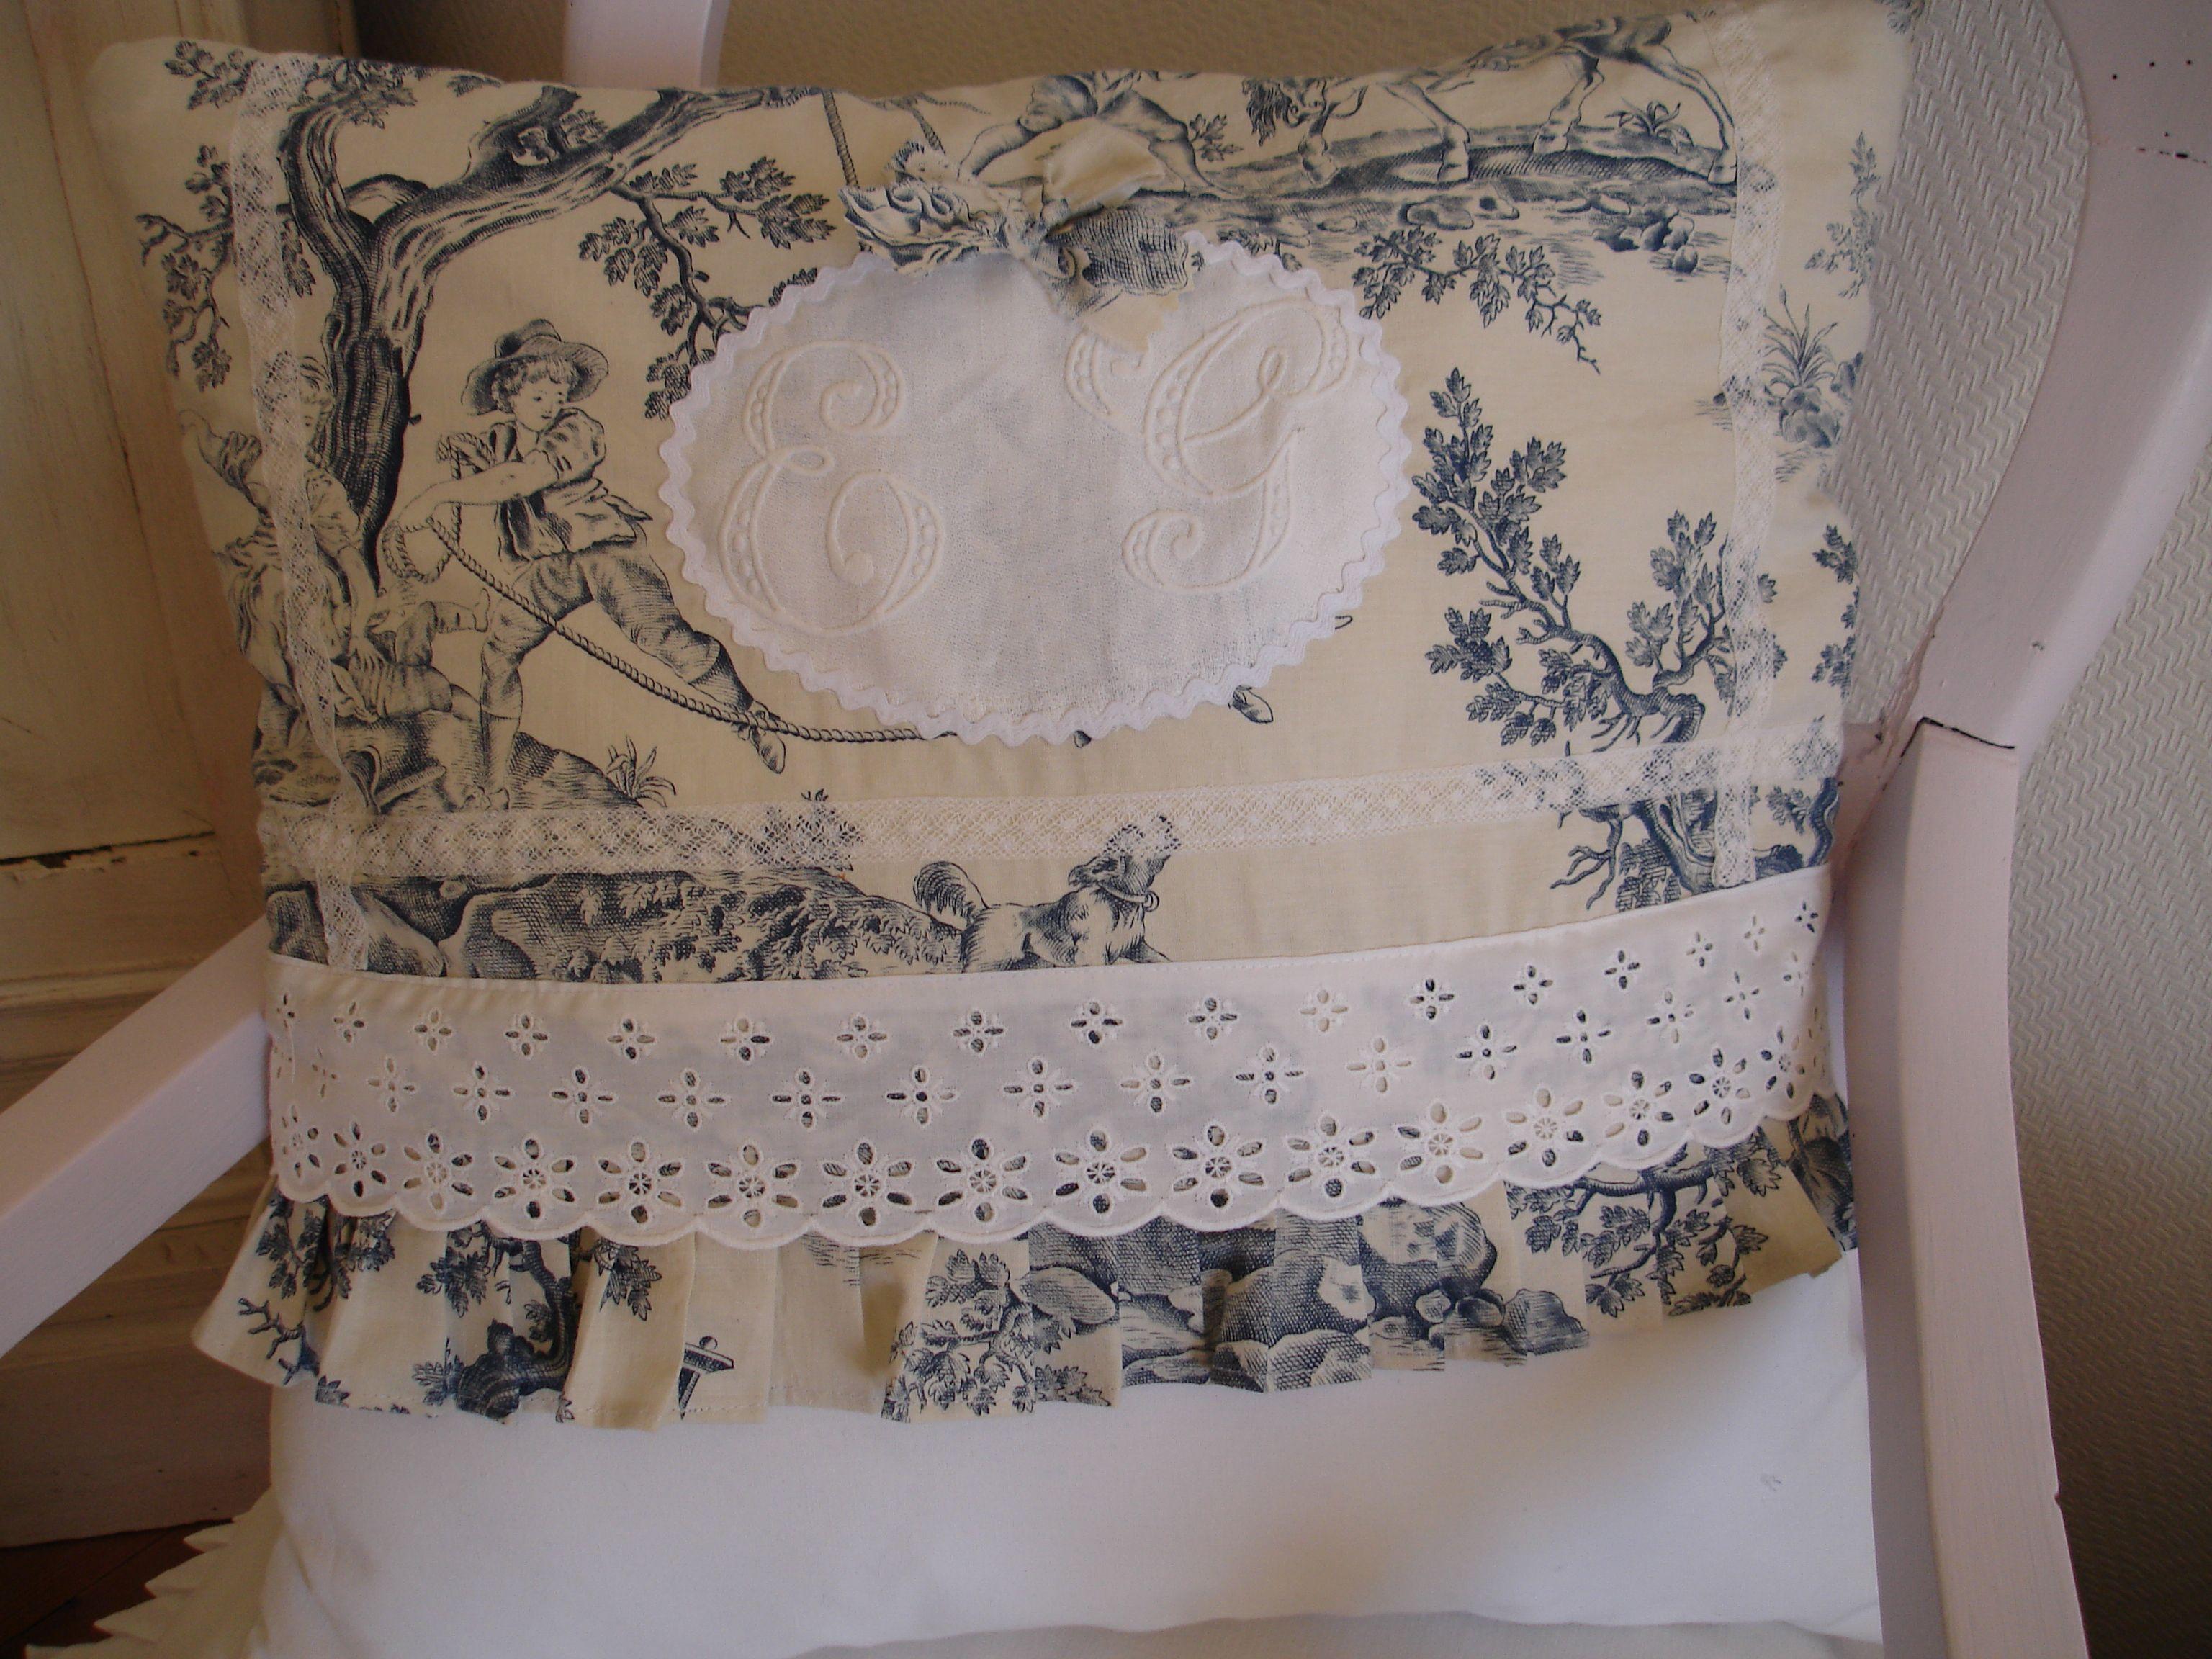 coussin avec monogramme toile de jouy ancienne bleu dentelle ancienne coussins au coeur. Black Bedroom Furniture Sets. Home Design Ideas